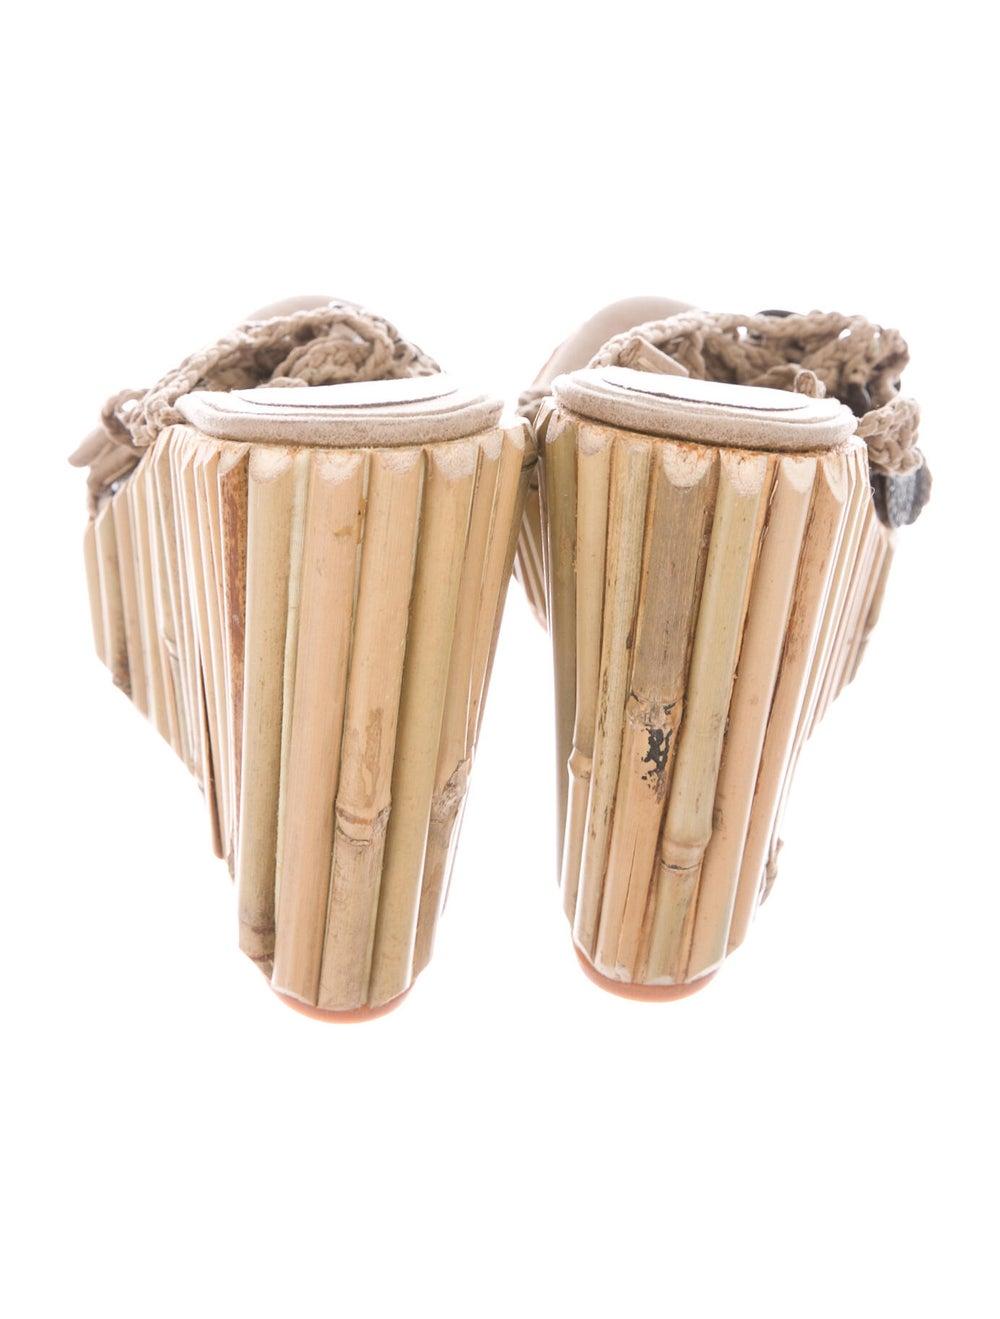 Alexander McQueen Sandals - image 4